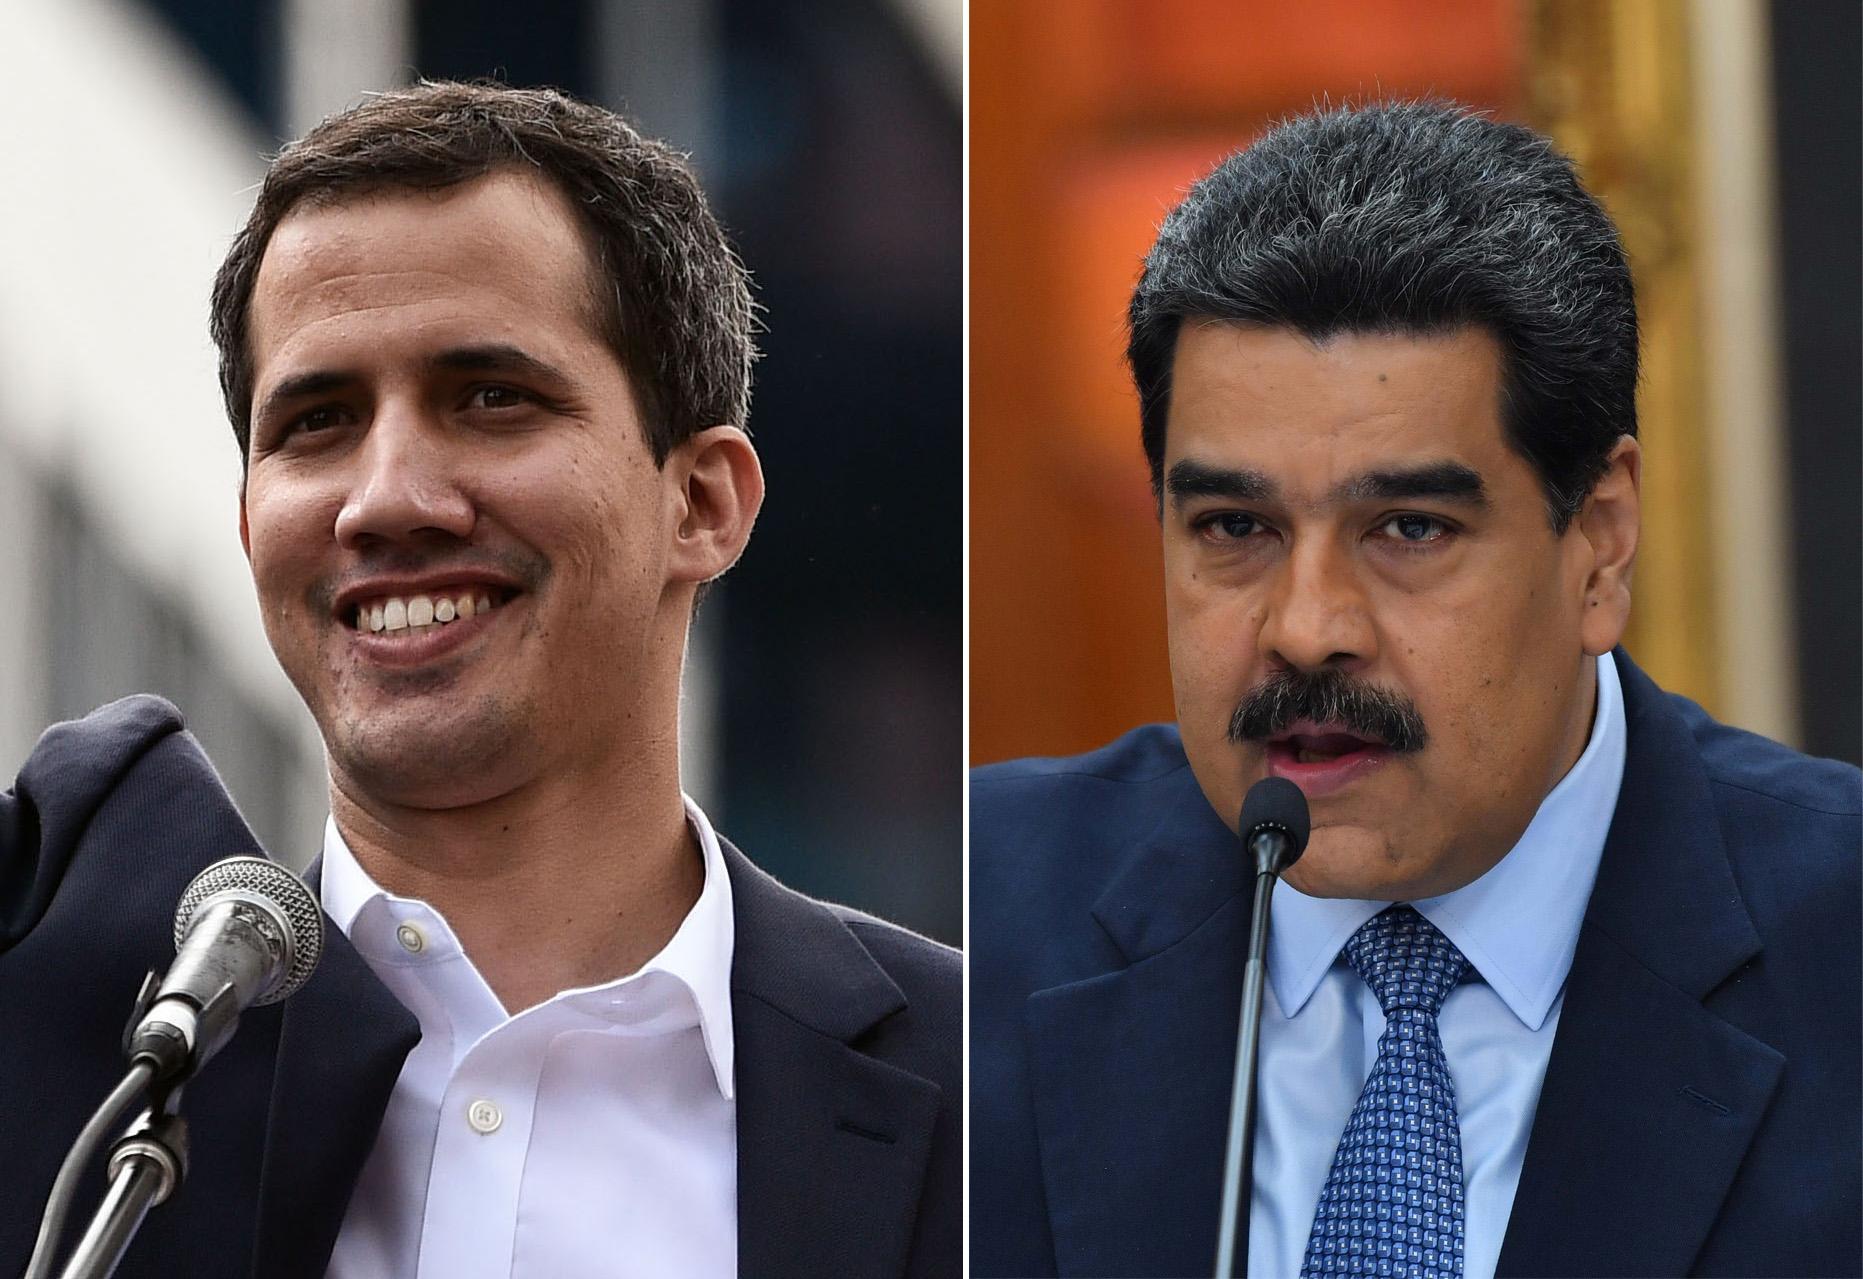 委內瑞拉軍方高官投誠後 馬杜羅立場放軟